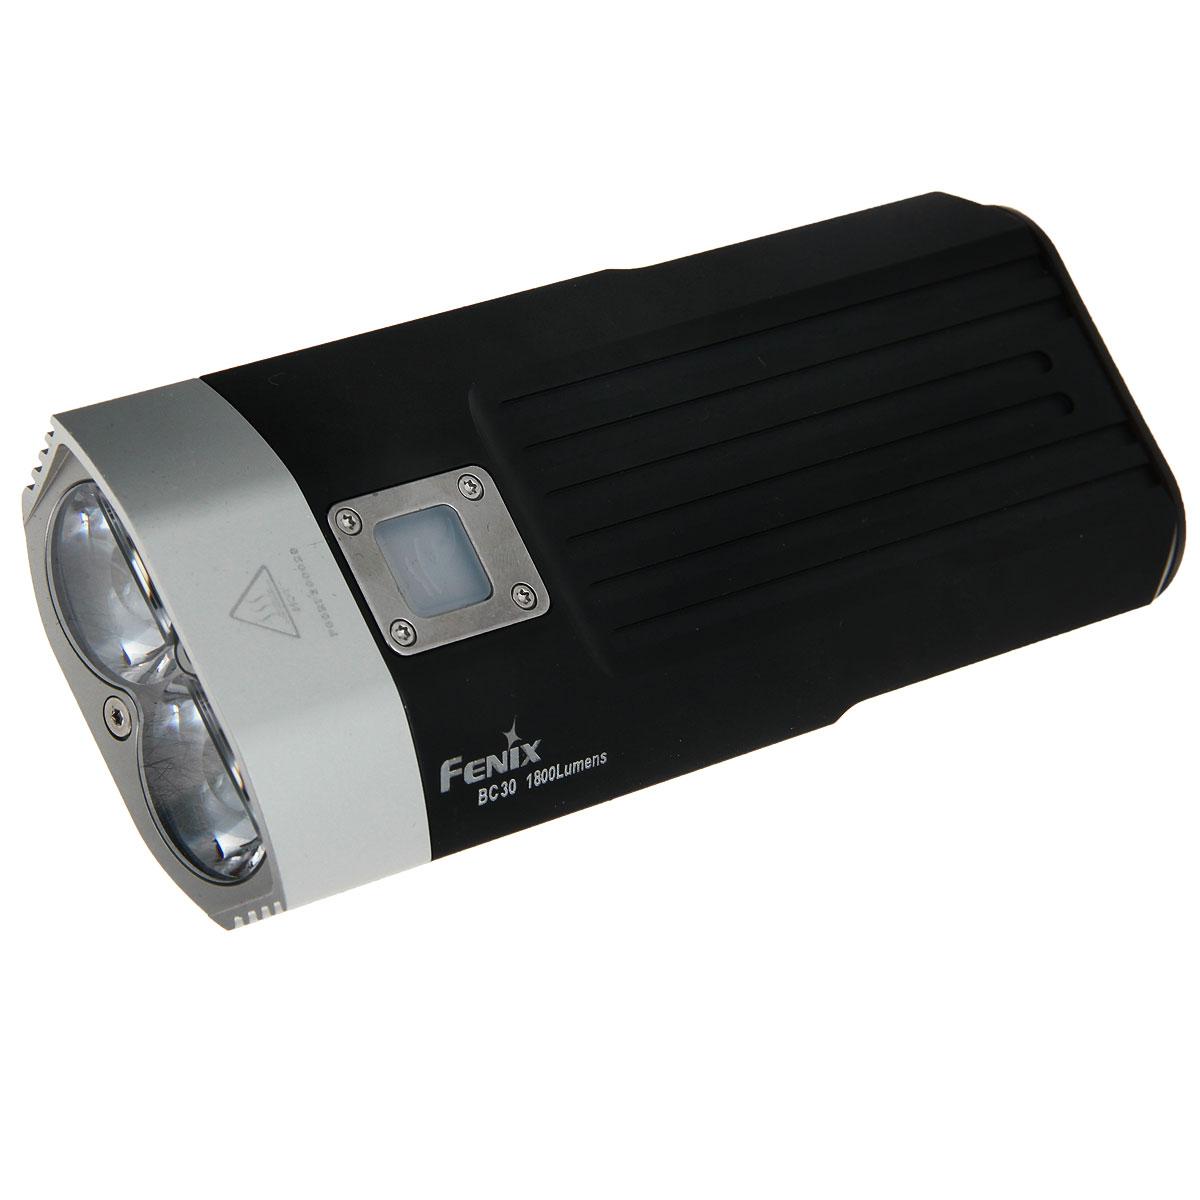 Фонарь велосипедный Fenix BС30, светодиодныйBC30Компания Fenix предлагает велофару Fenix BC30, которая рассчитана на пользователей особенно требовательных к качеству ночного освещения. В сумме два встроенных диода Cree XM-L дают яркость света 1800 люмен. На усмотрение пользователя можно установить 1 из режимов, что позволяет выбрать мощность света от 100 до 1800 люмен. Дальность освещения велофары составляет 146 метров.Дополнительным преимуществом осветительного прибора является простота его крепления на руль велосипеда. Крепления, которые входят в стандартный комплект, рассчитаны на толщину руля от 2 до 3,5 см. Отсоединить фару достаточно просто и быстро, поэтому ее можно использовать и в качестве мощного ручного фонаря.